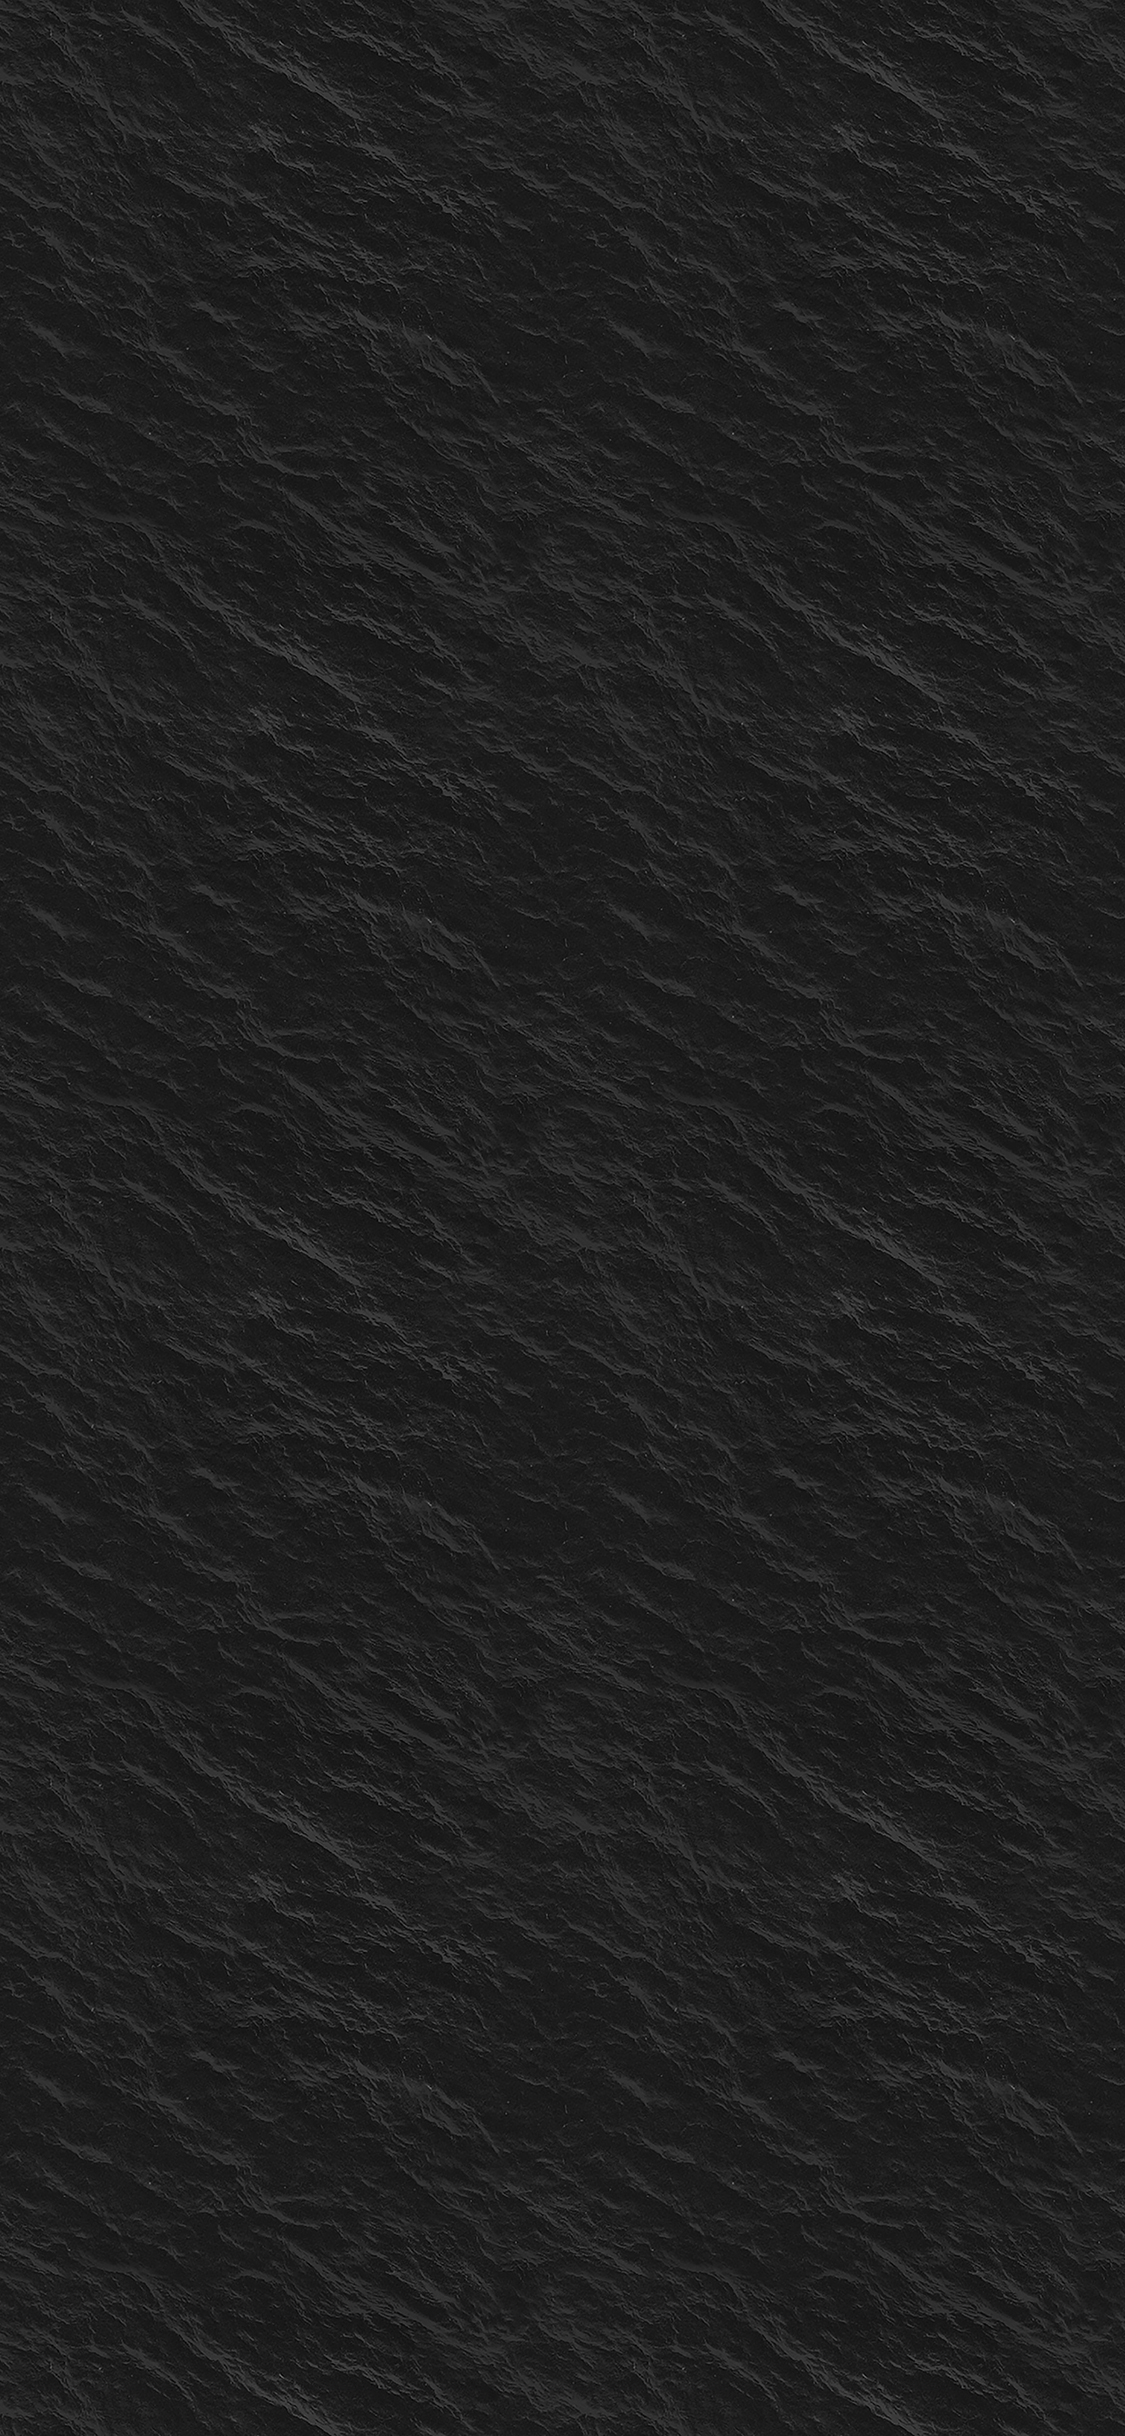 iPhoneXpapers.com-Apple-iPhone-wallpaper-vd21-black-sea-texture